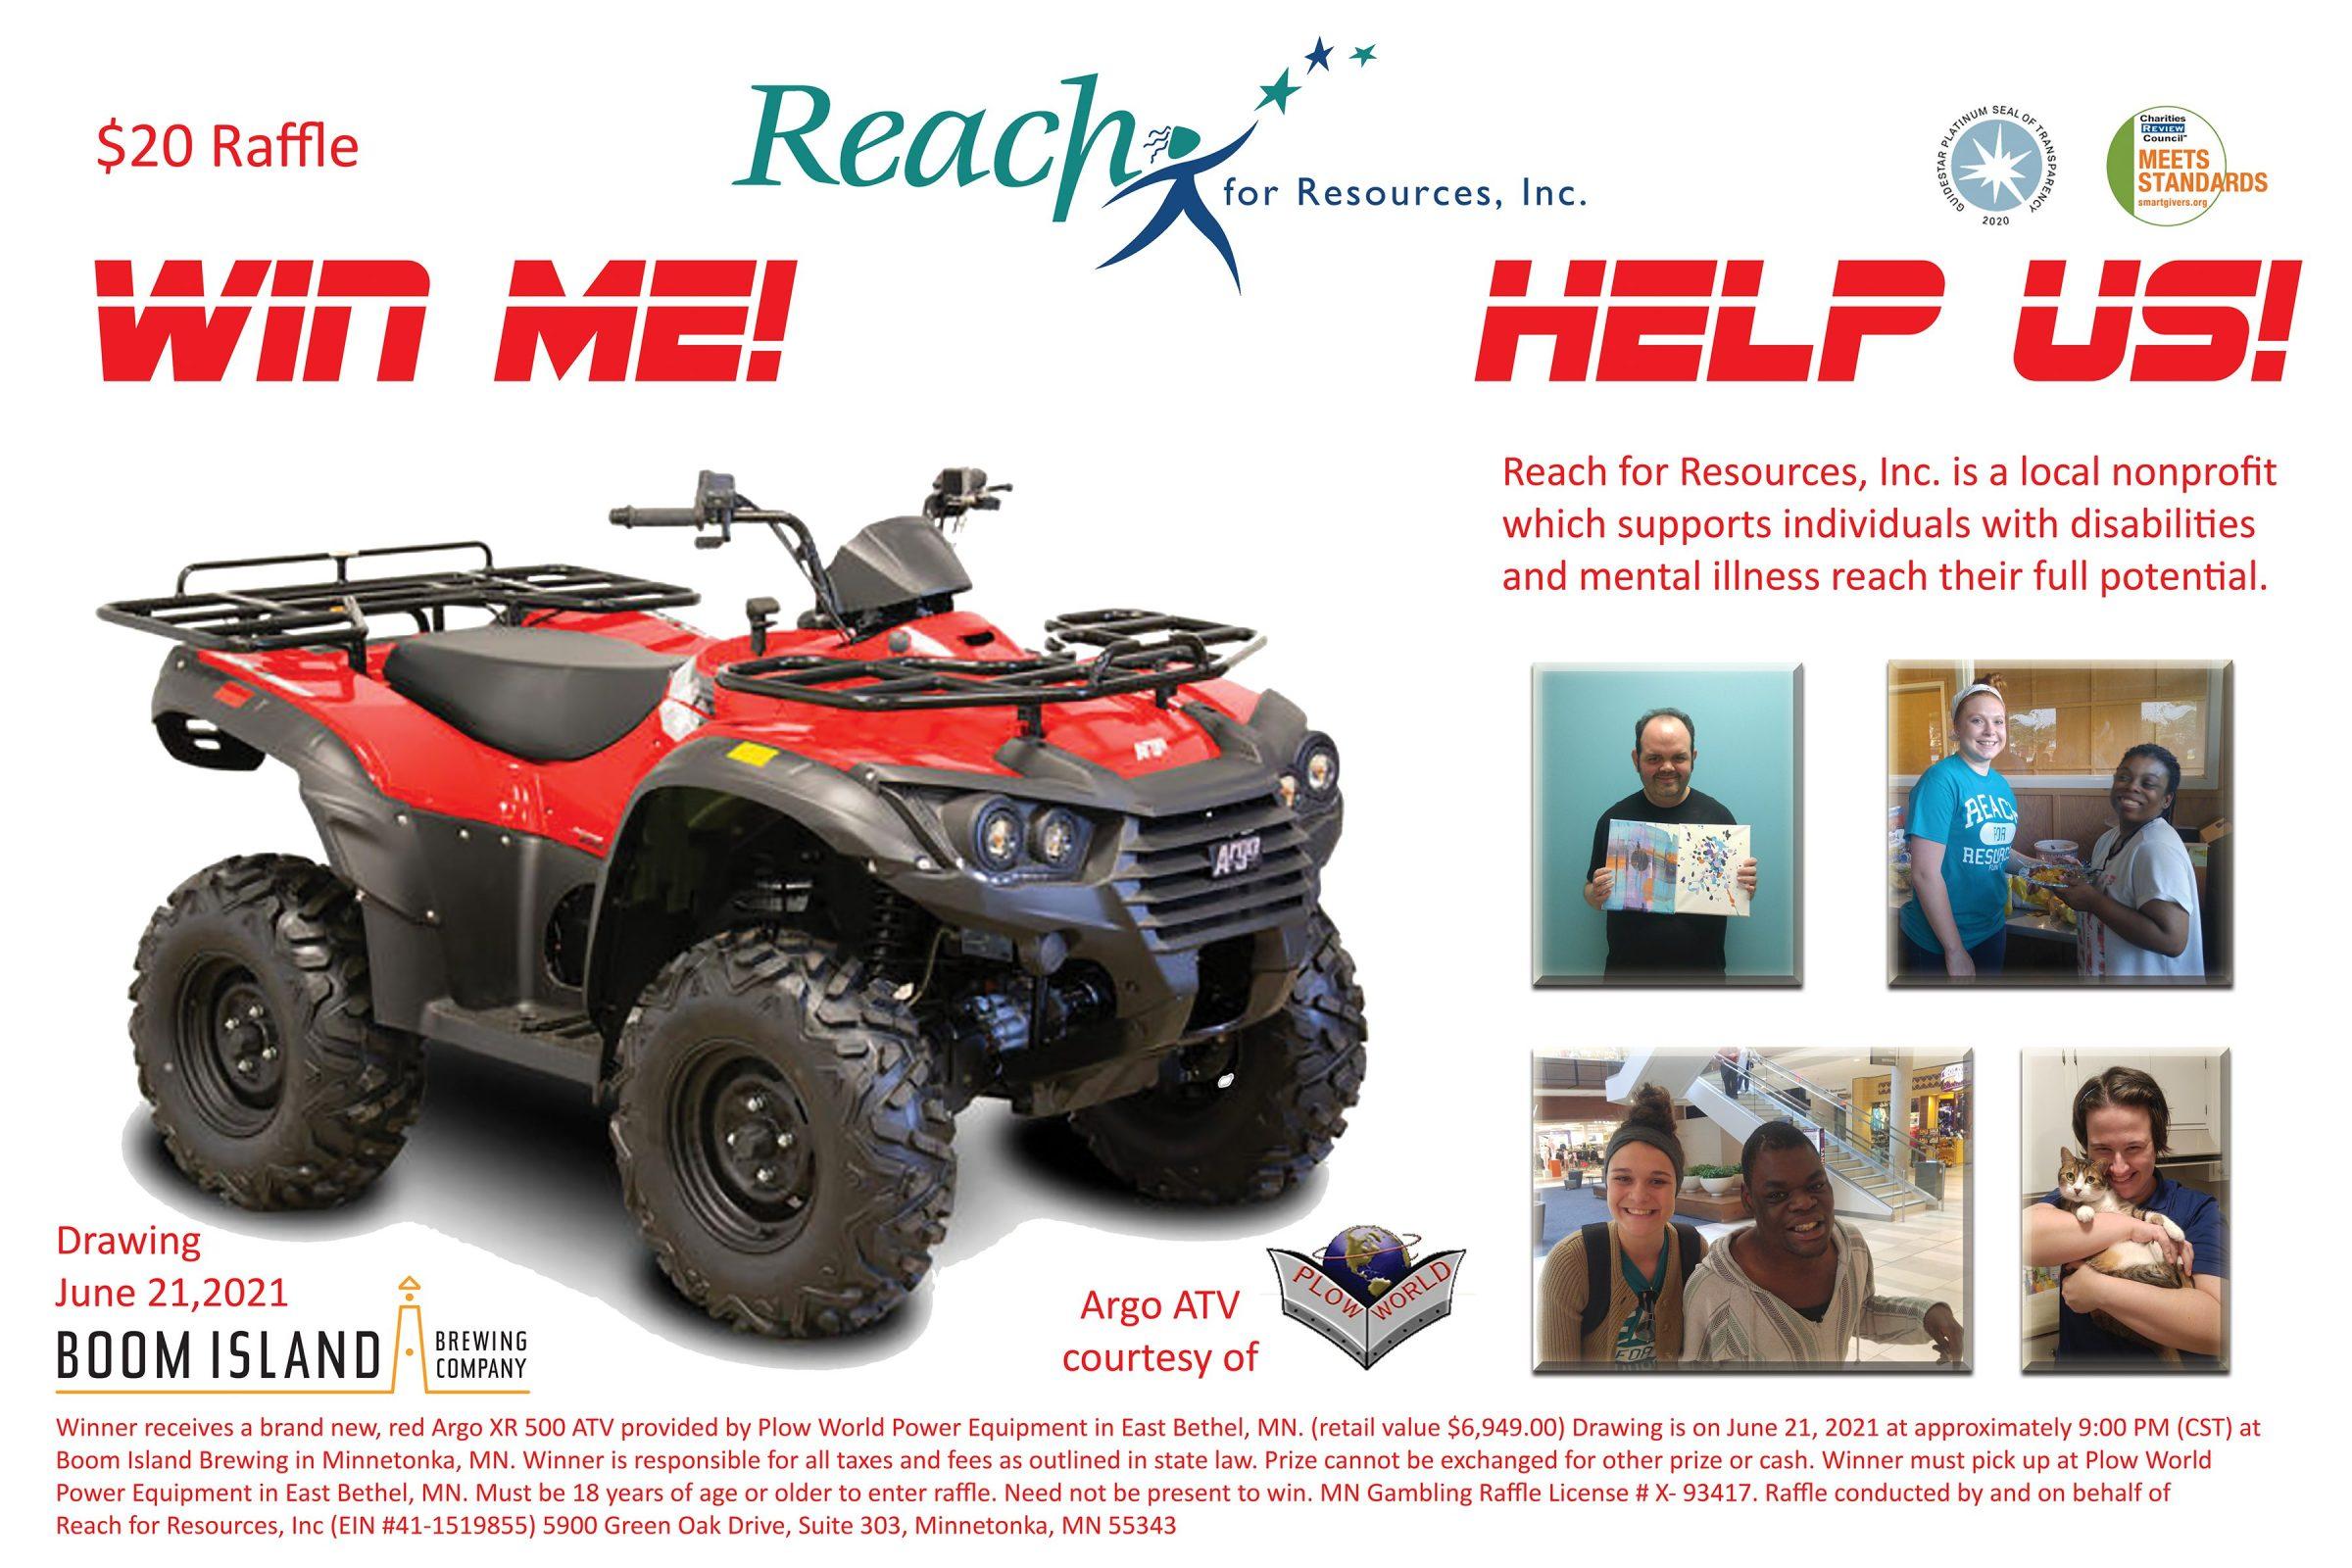 Win an Argo XR 500 ATV